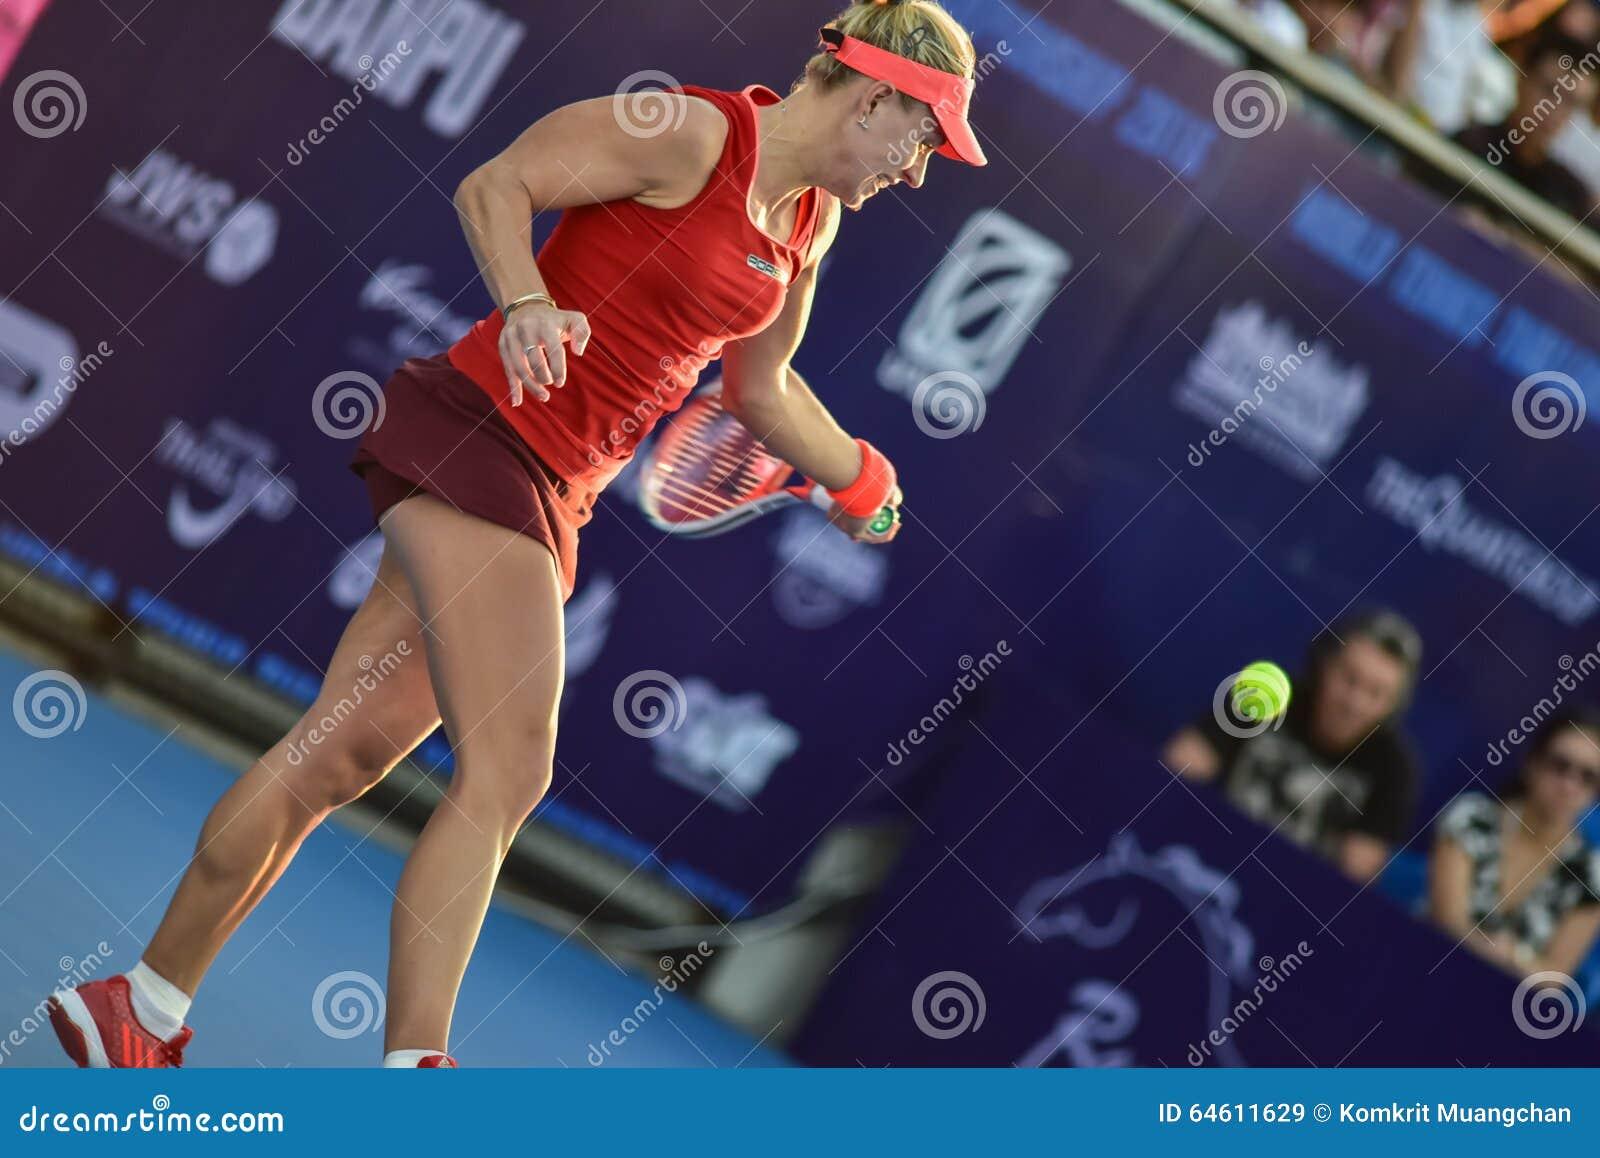 Rene - Blog Tenis: Punto de Break El tenis visto desde